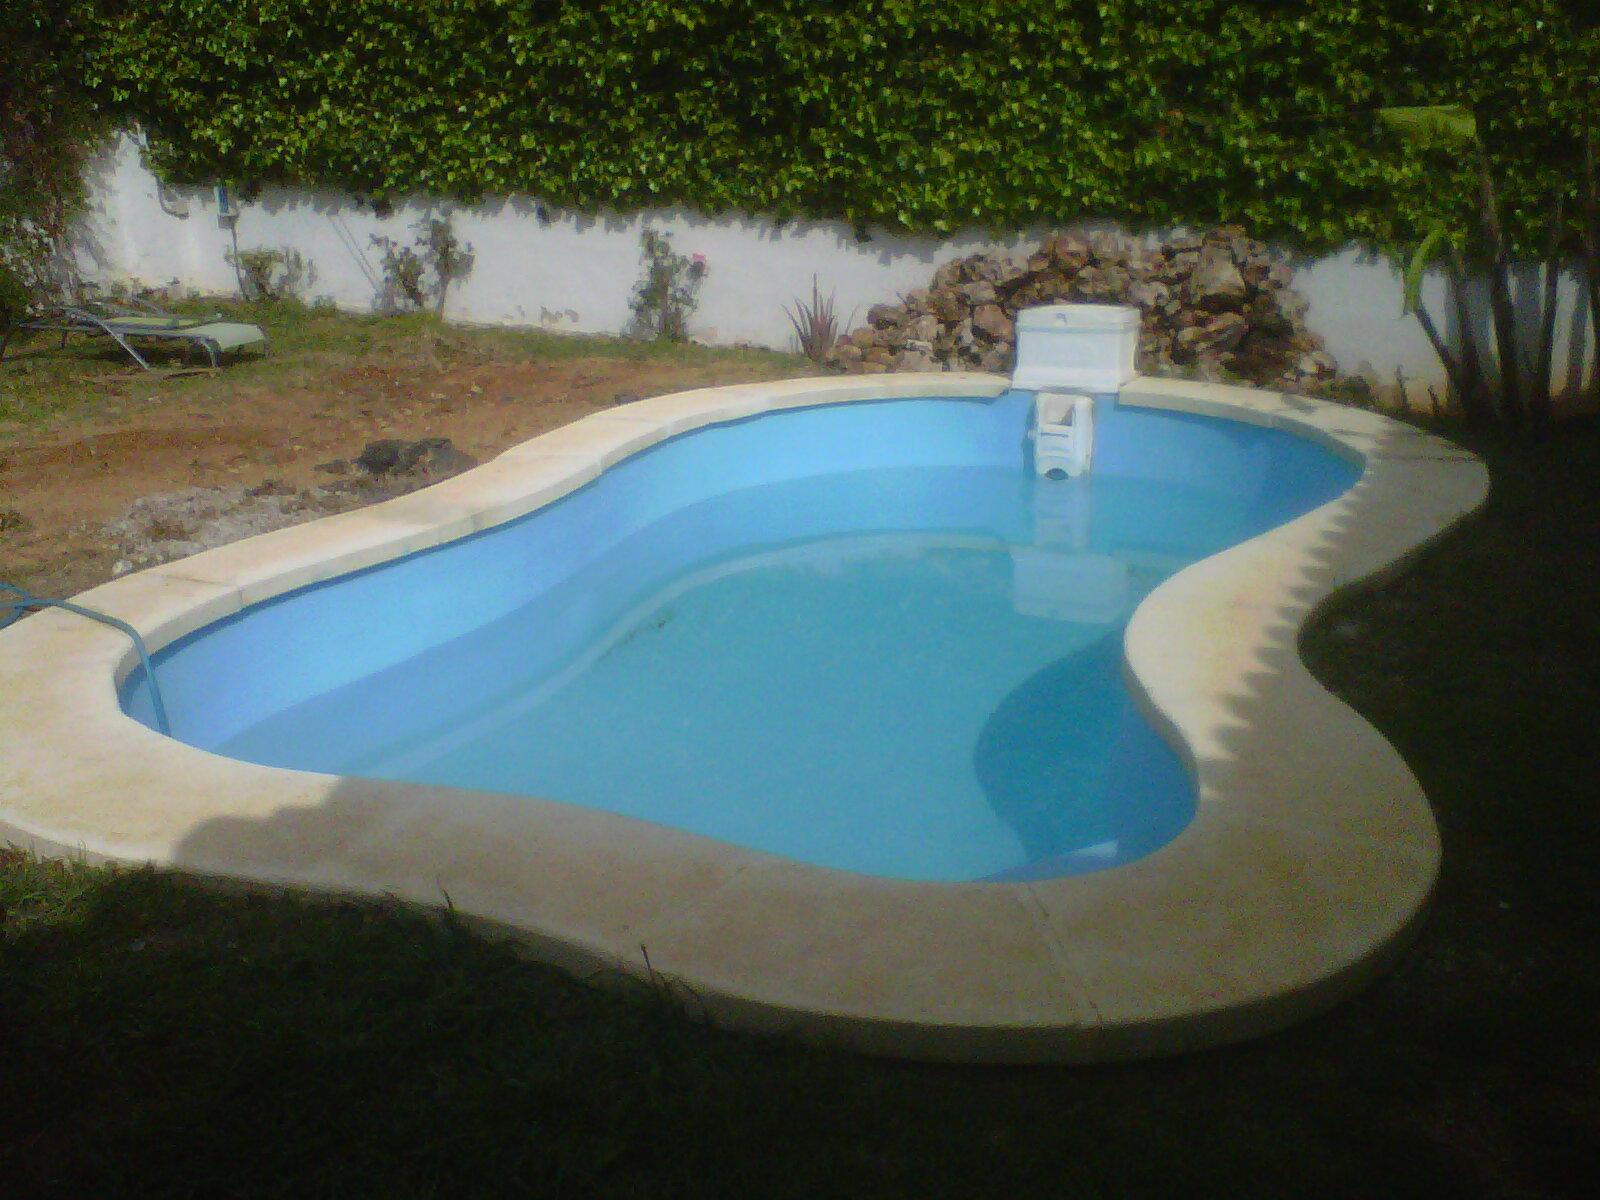 Resparaci n de piscinas de fibra reparaci n de piscinas for Reparacion piscinas